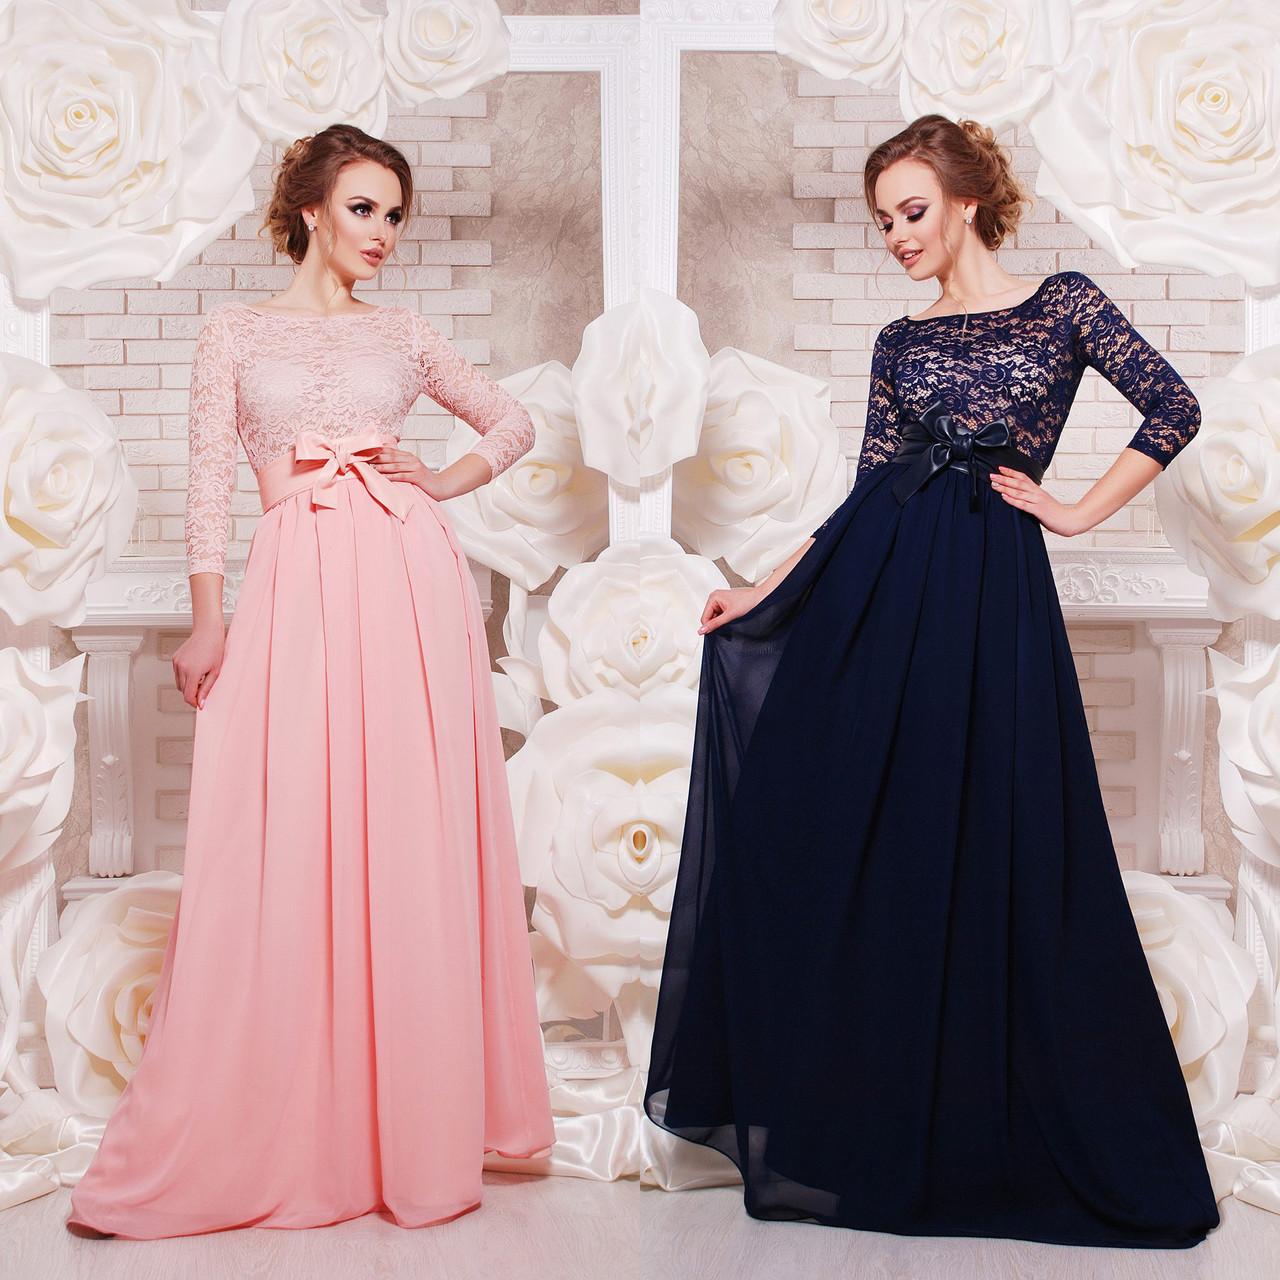 c3859bf1460 Длинное вечернее платье с пышной юбкой из гипюра и шифона - Интернет-магазин